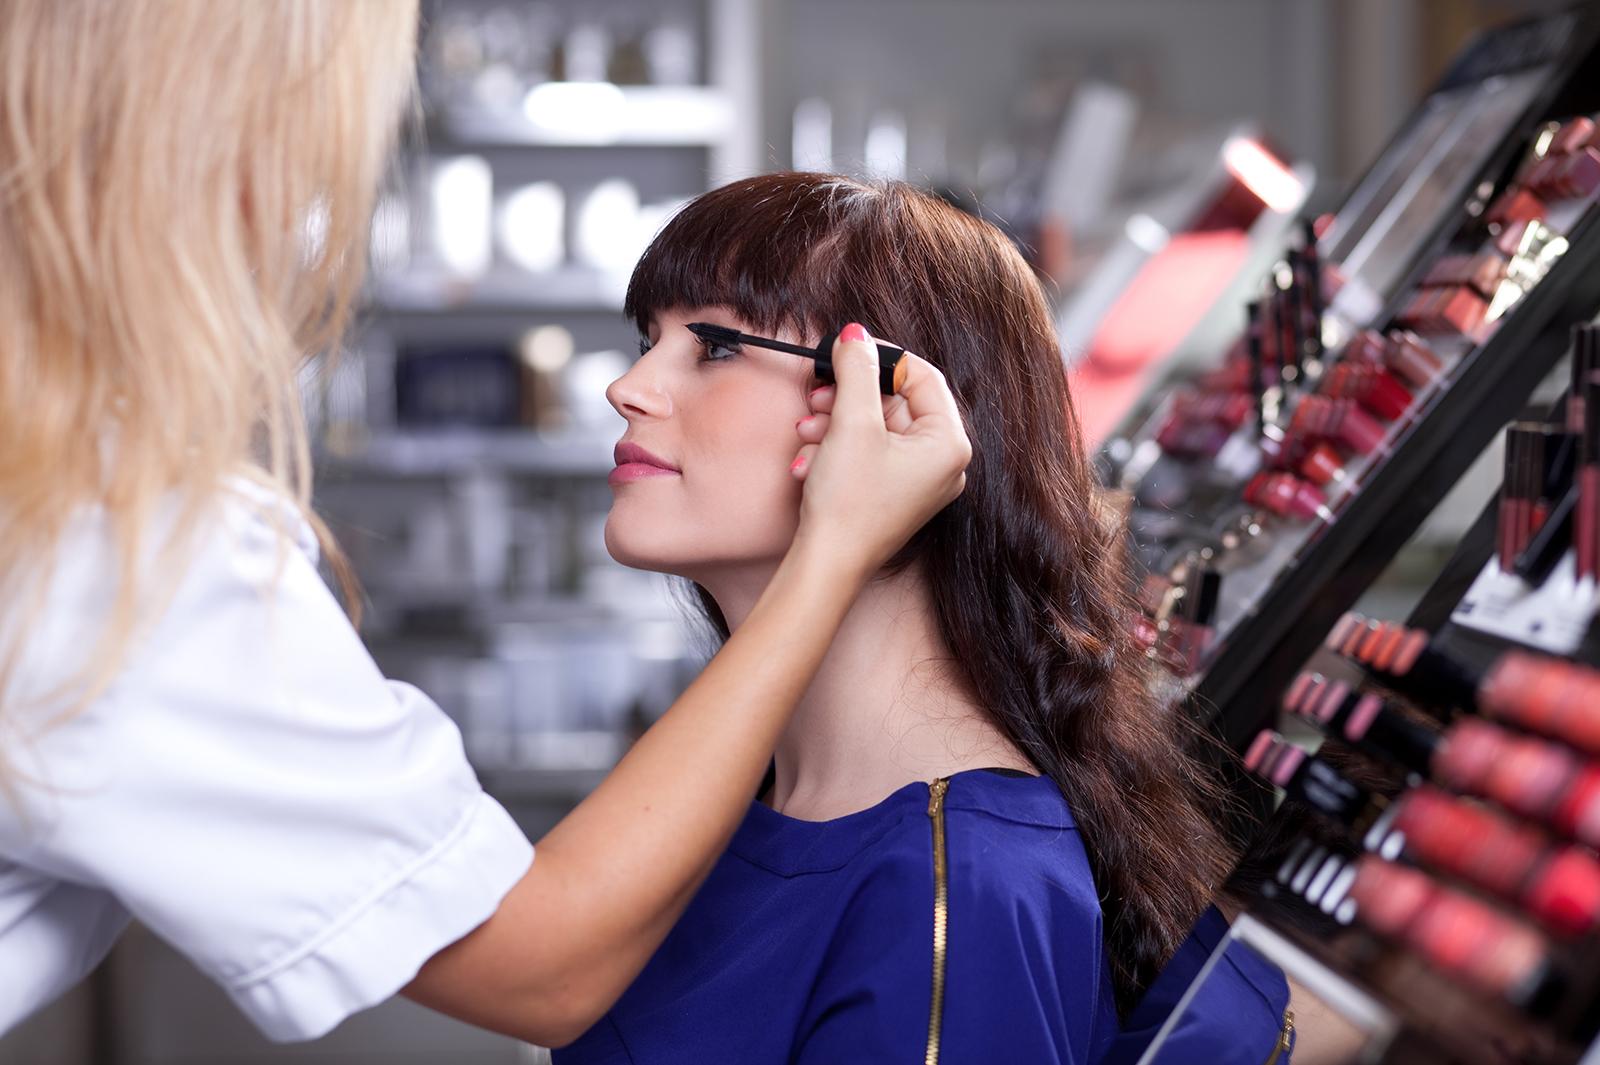 美容部員は大変?やりがいを感じながら仕事を続けるポイント/Photo by MinDof